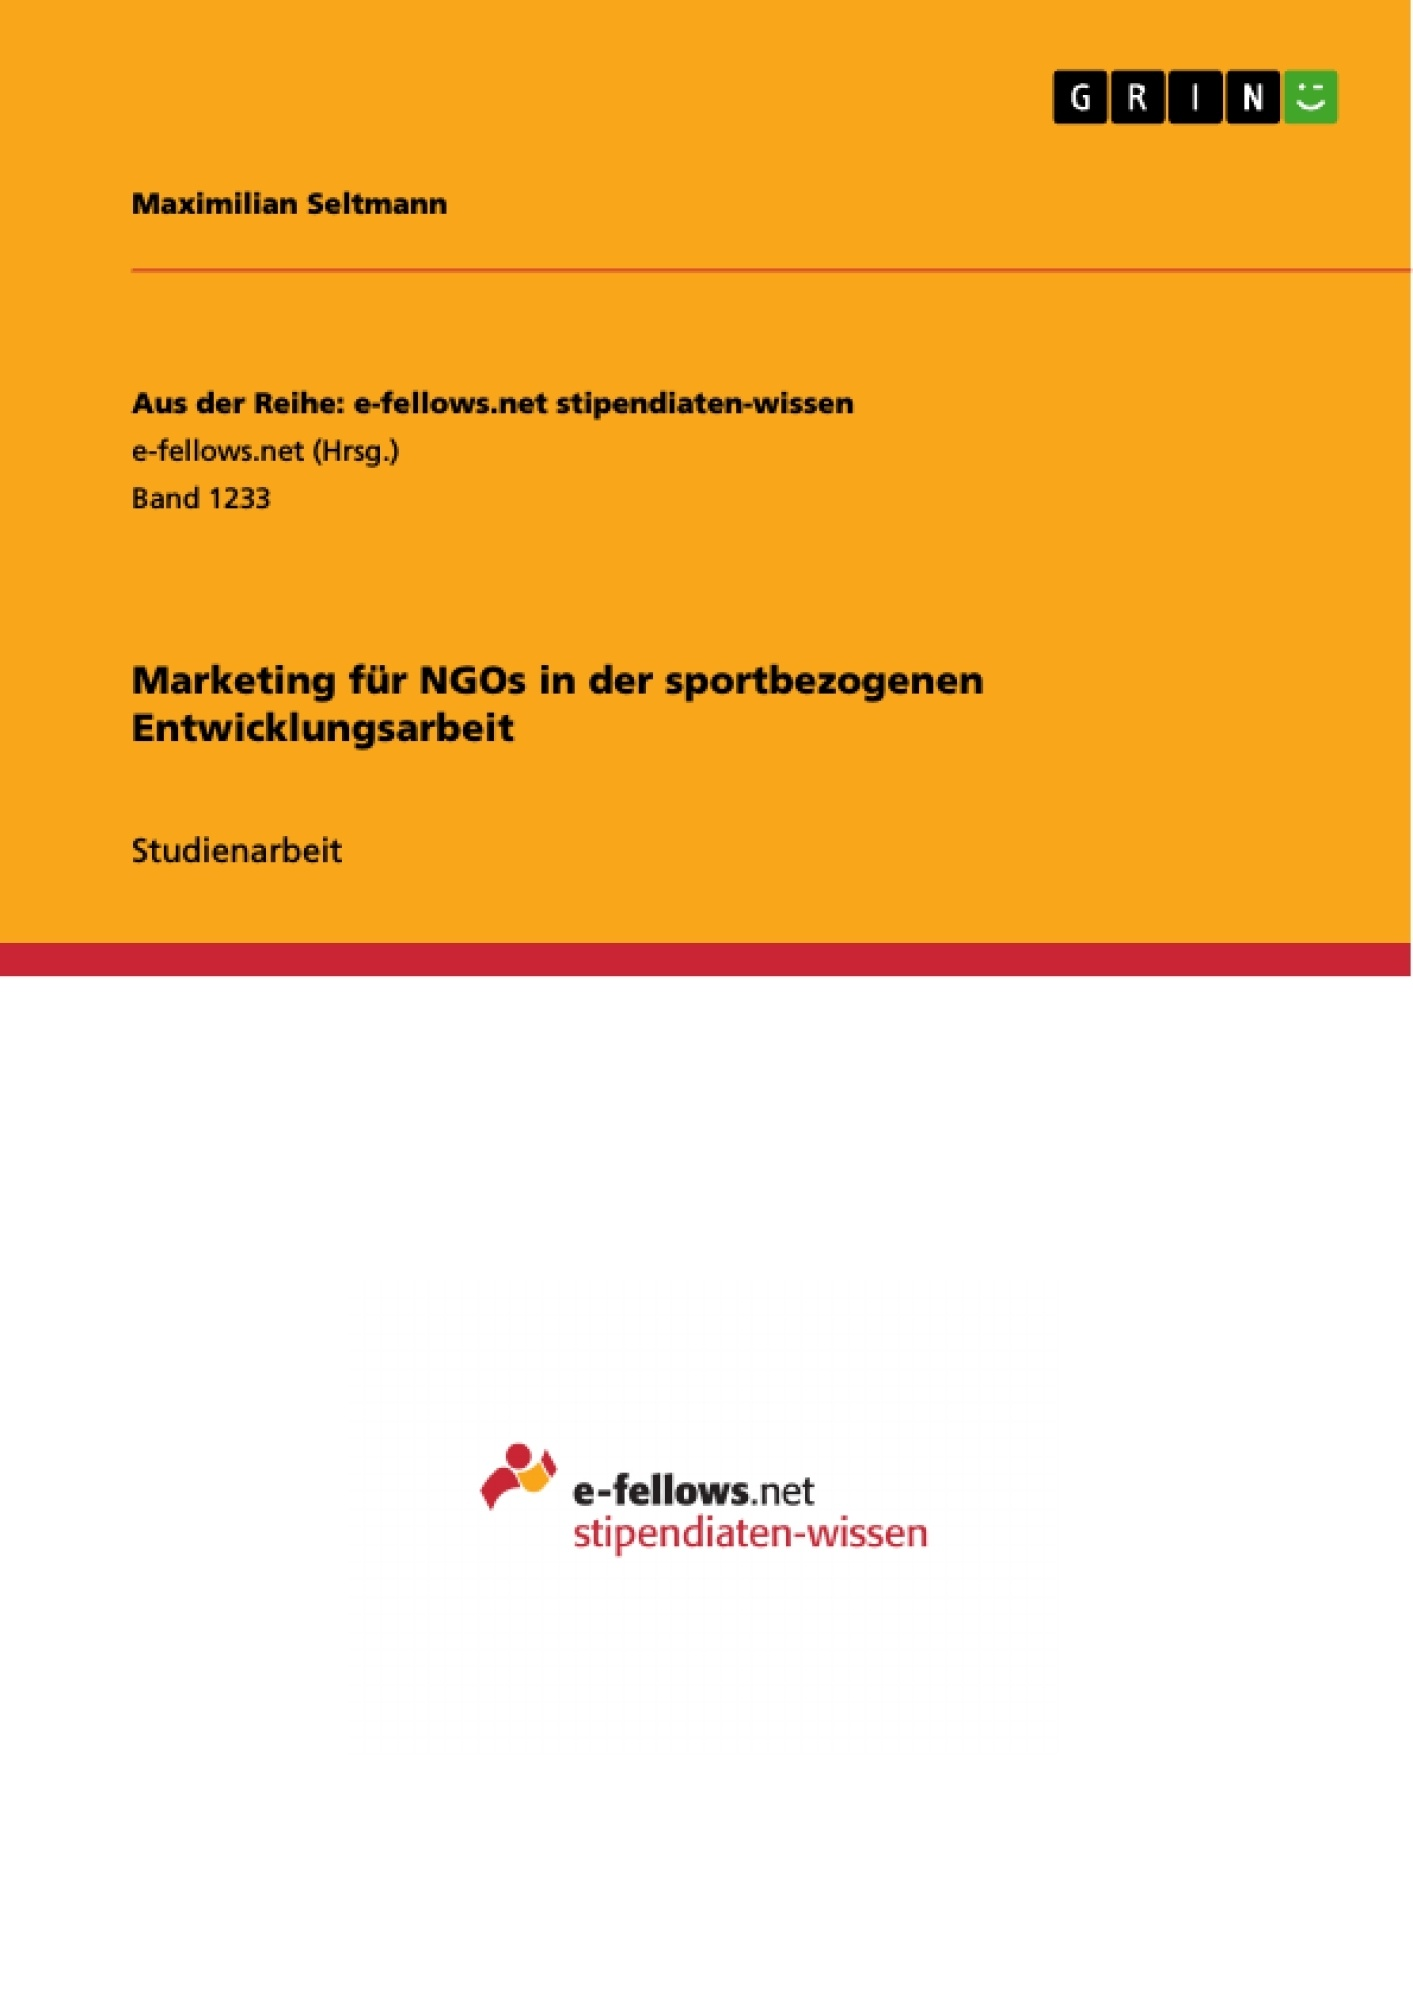 Titel: Marketing für NGOs in der sportbezogenen Entwicklungsarbeit